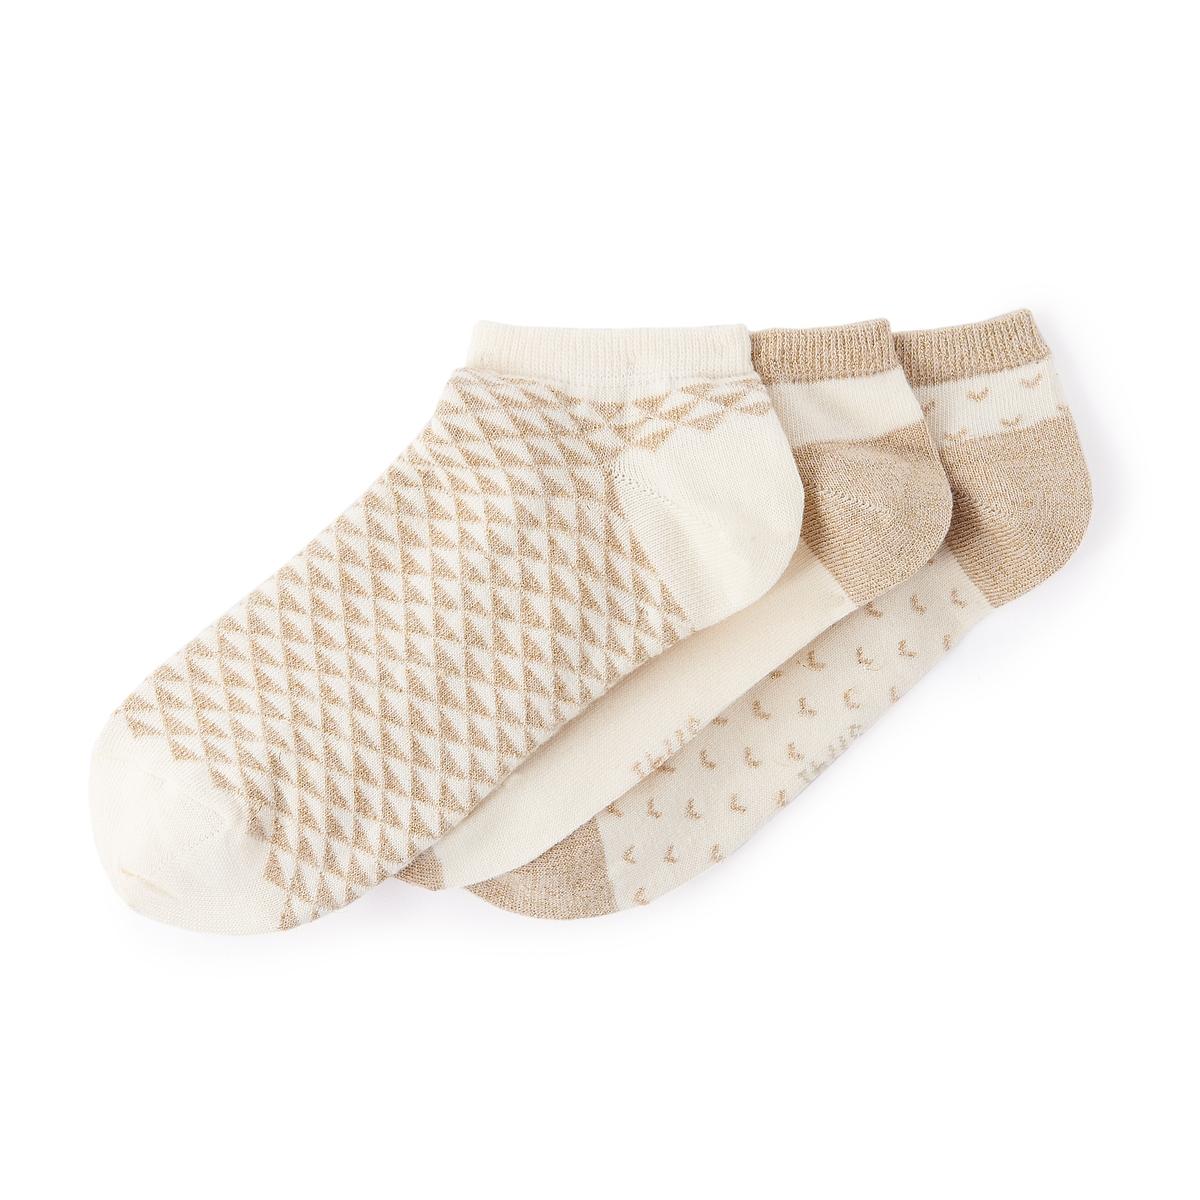 Комплект из 3 пар носков с волокнами с металлическим блеском